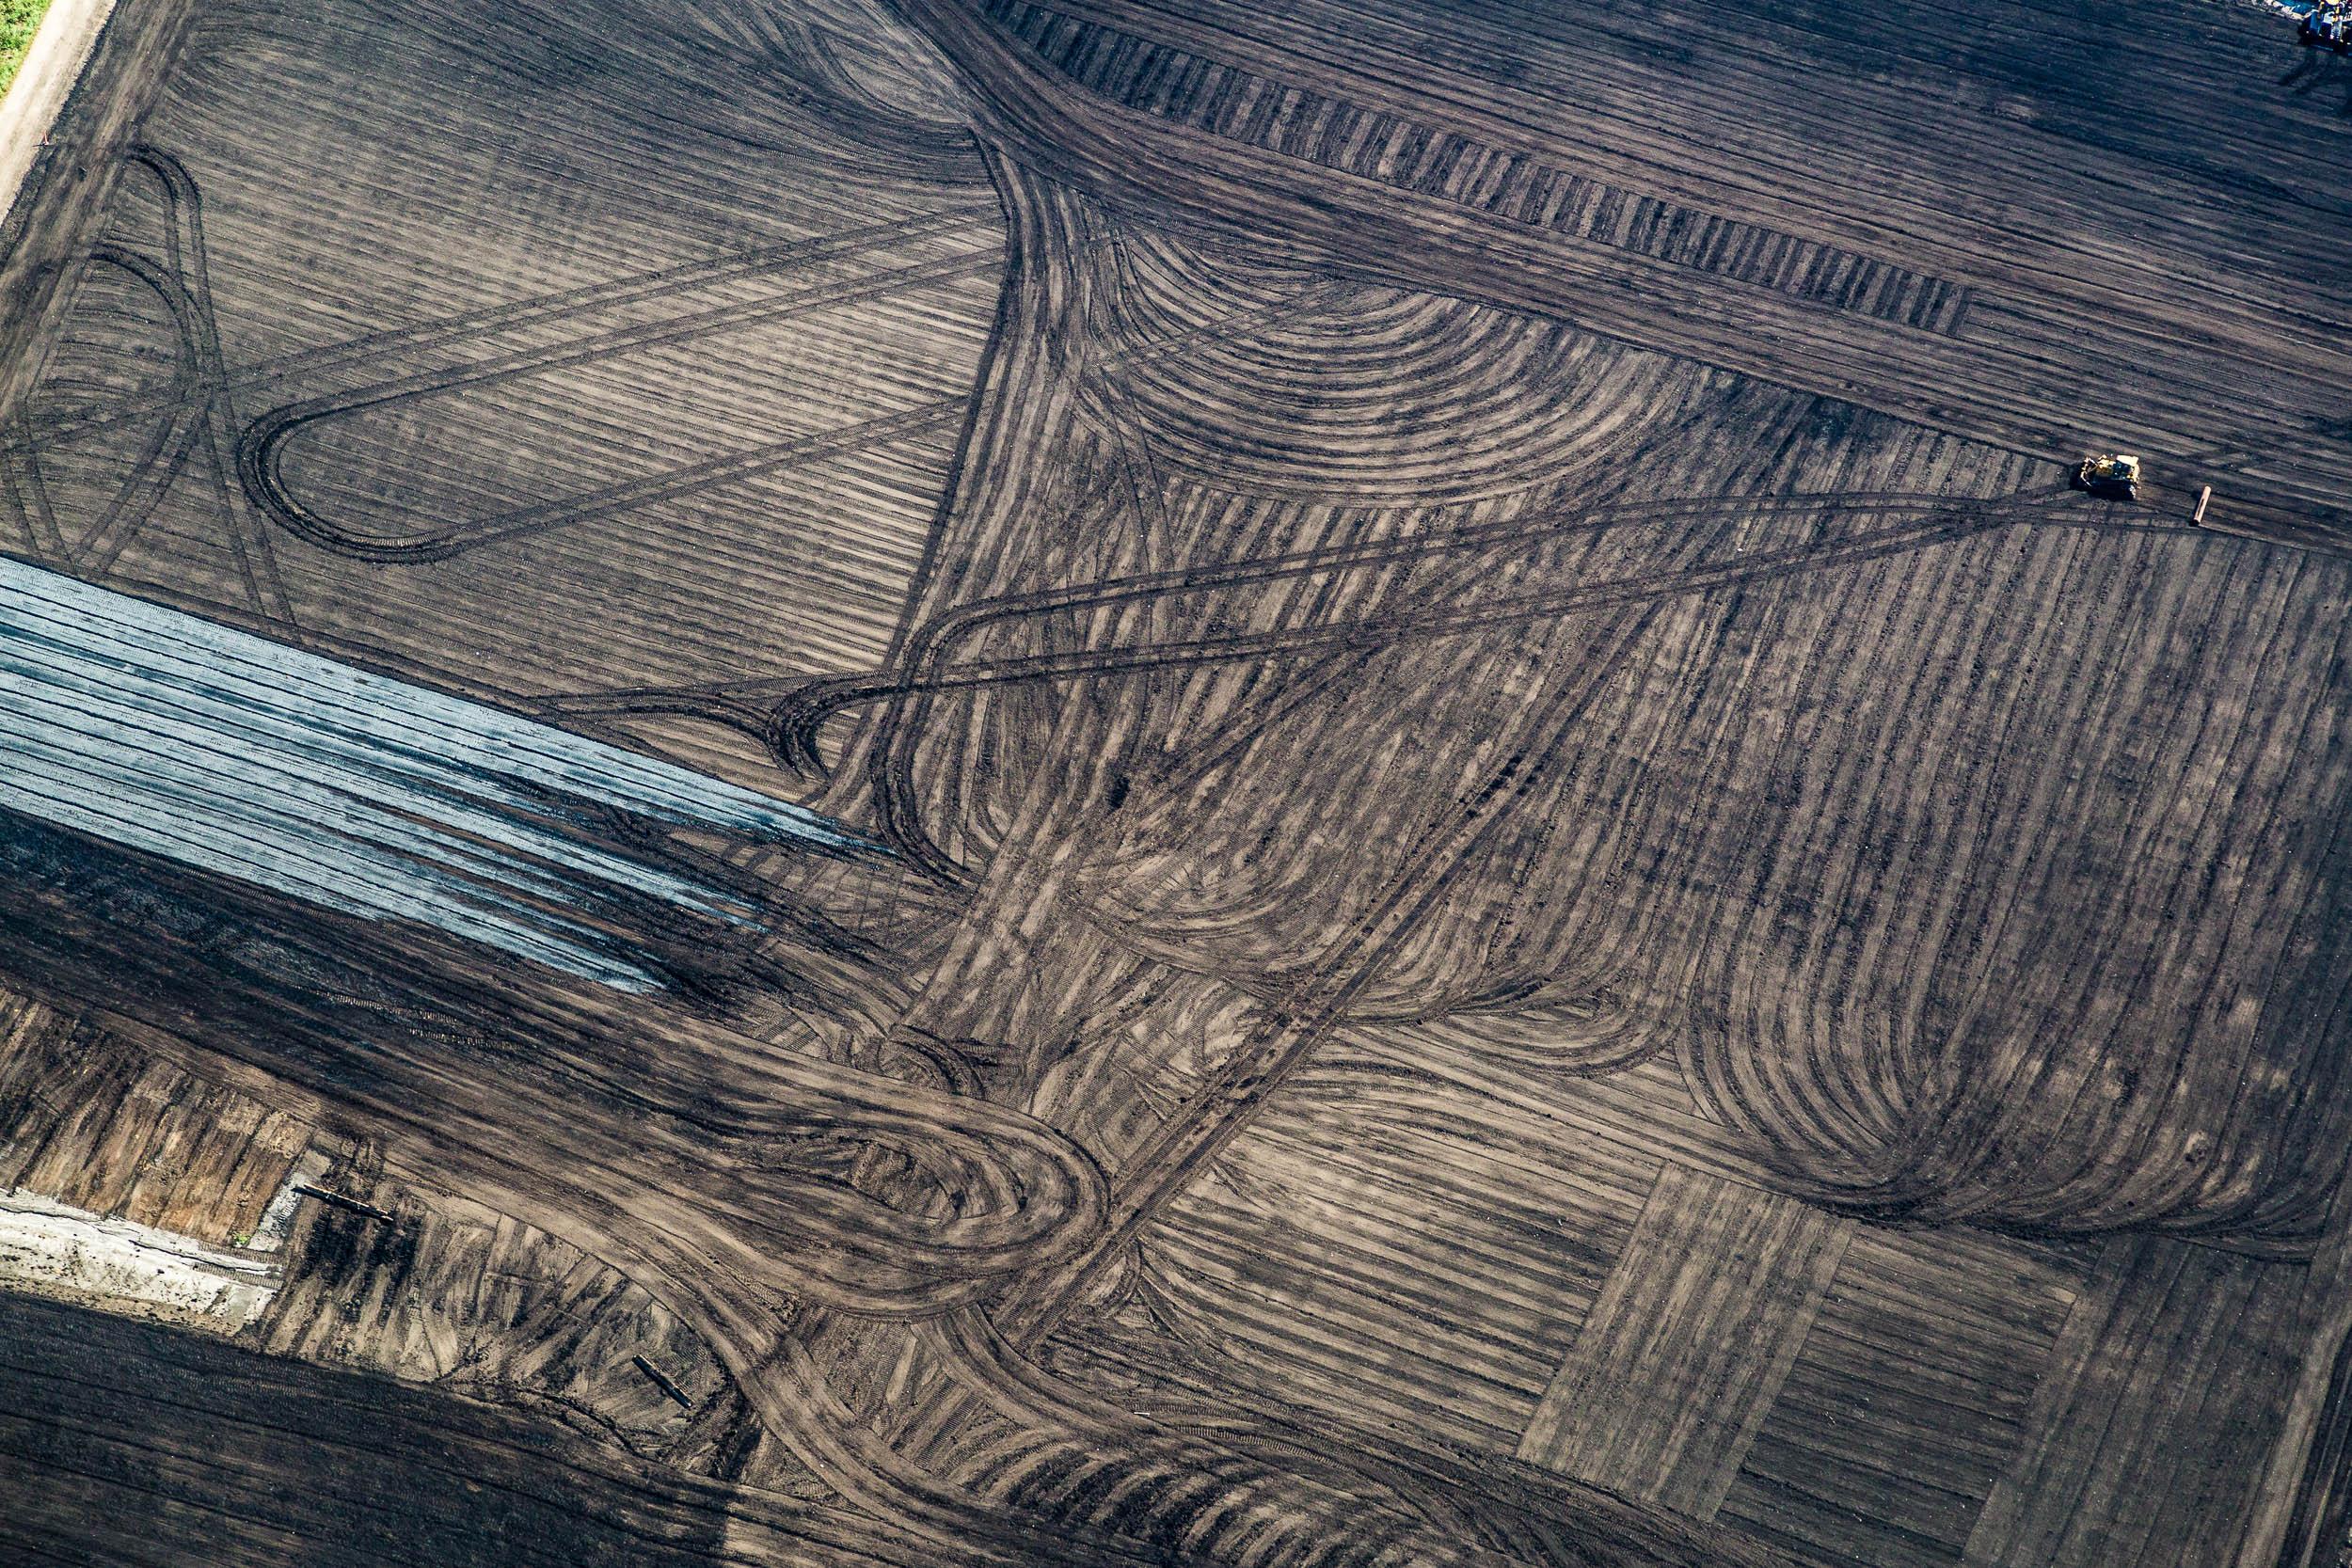 Aerial-8284_2500.jpg